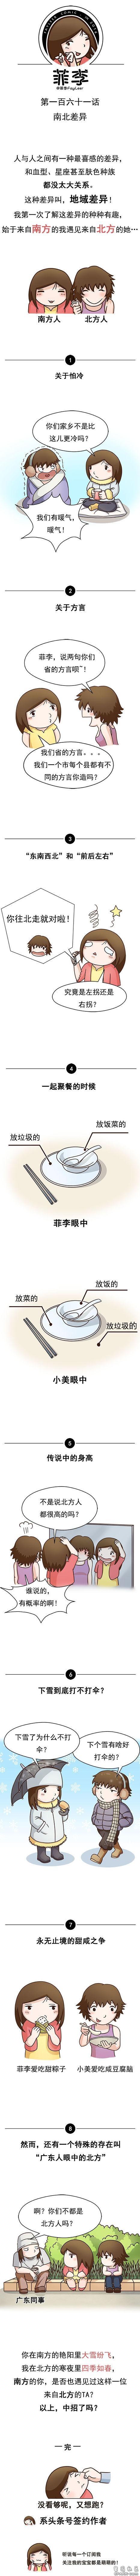 beifangren_nanfangren